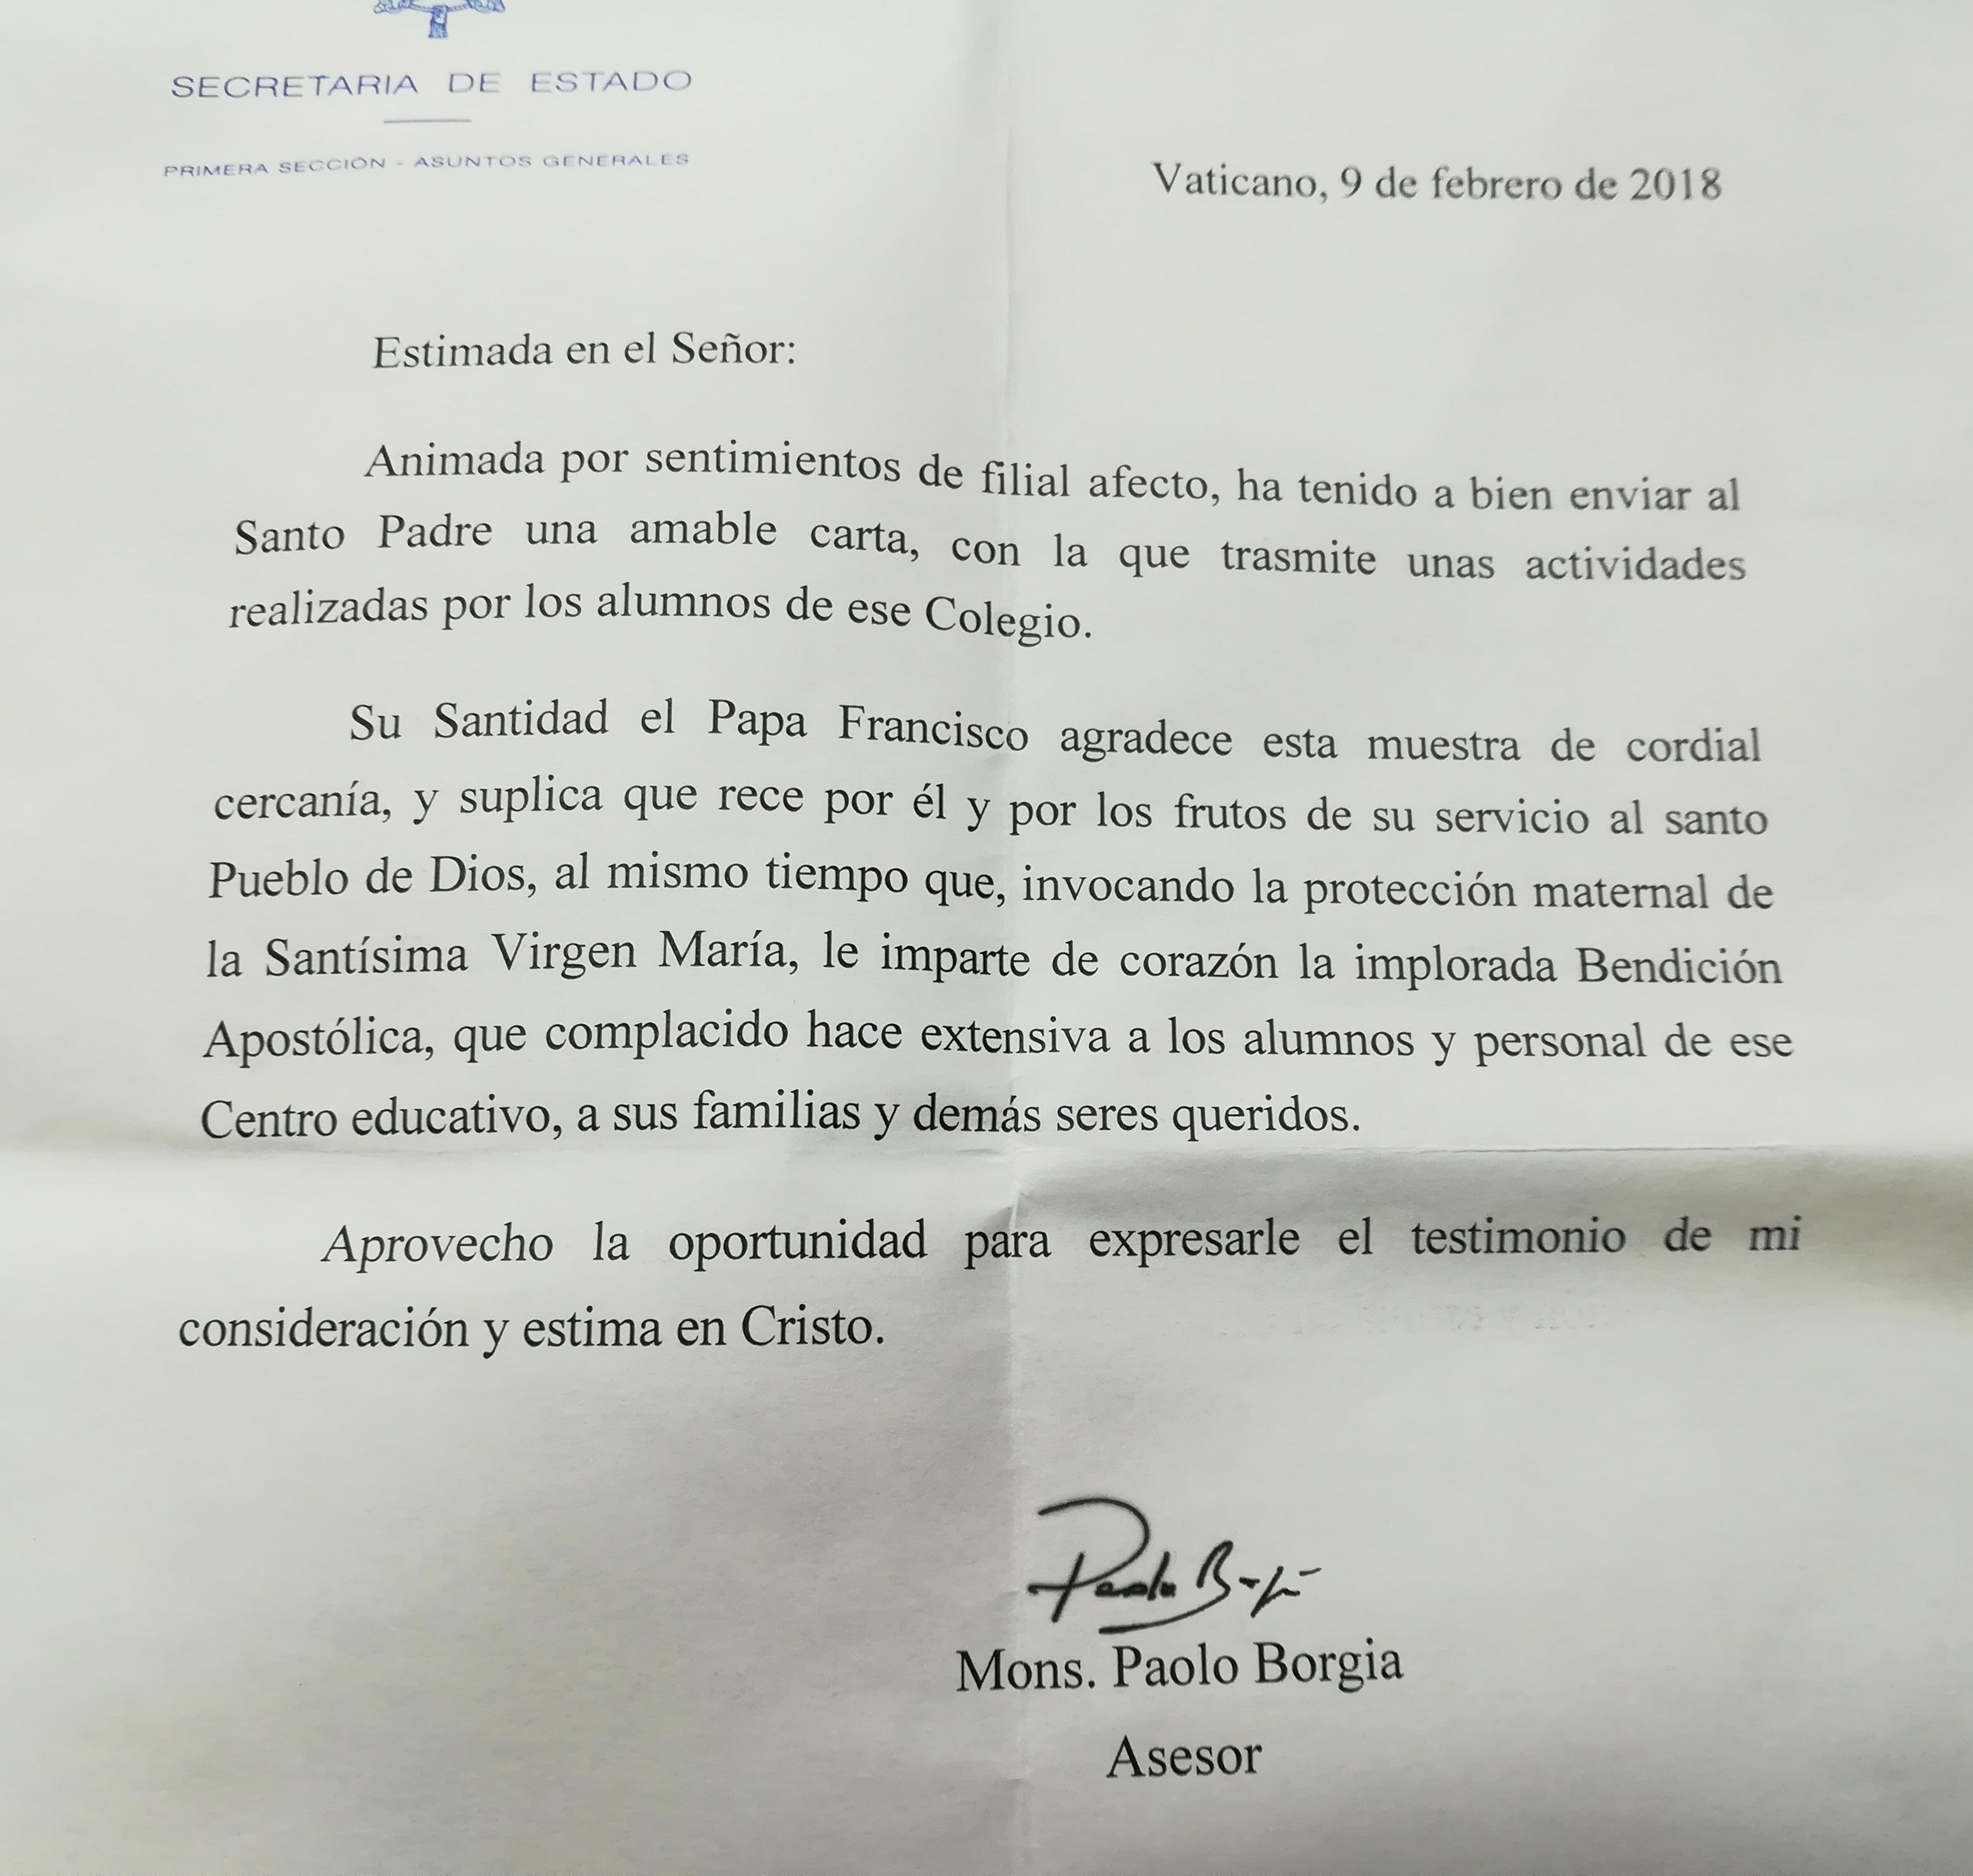 Hem rebut una carta del Papa Francesc!